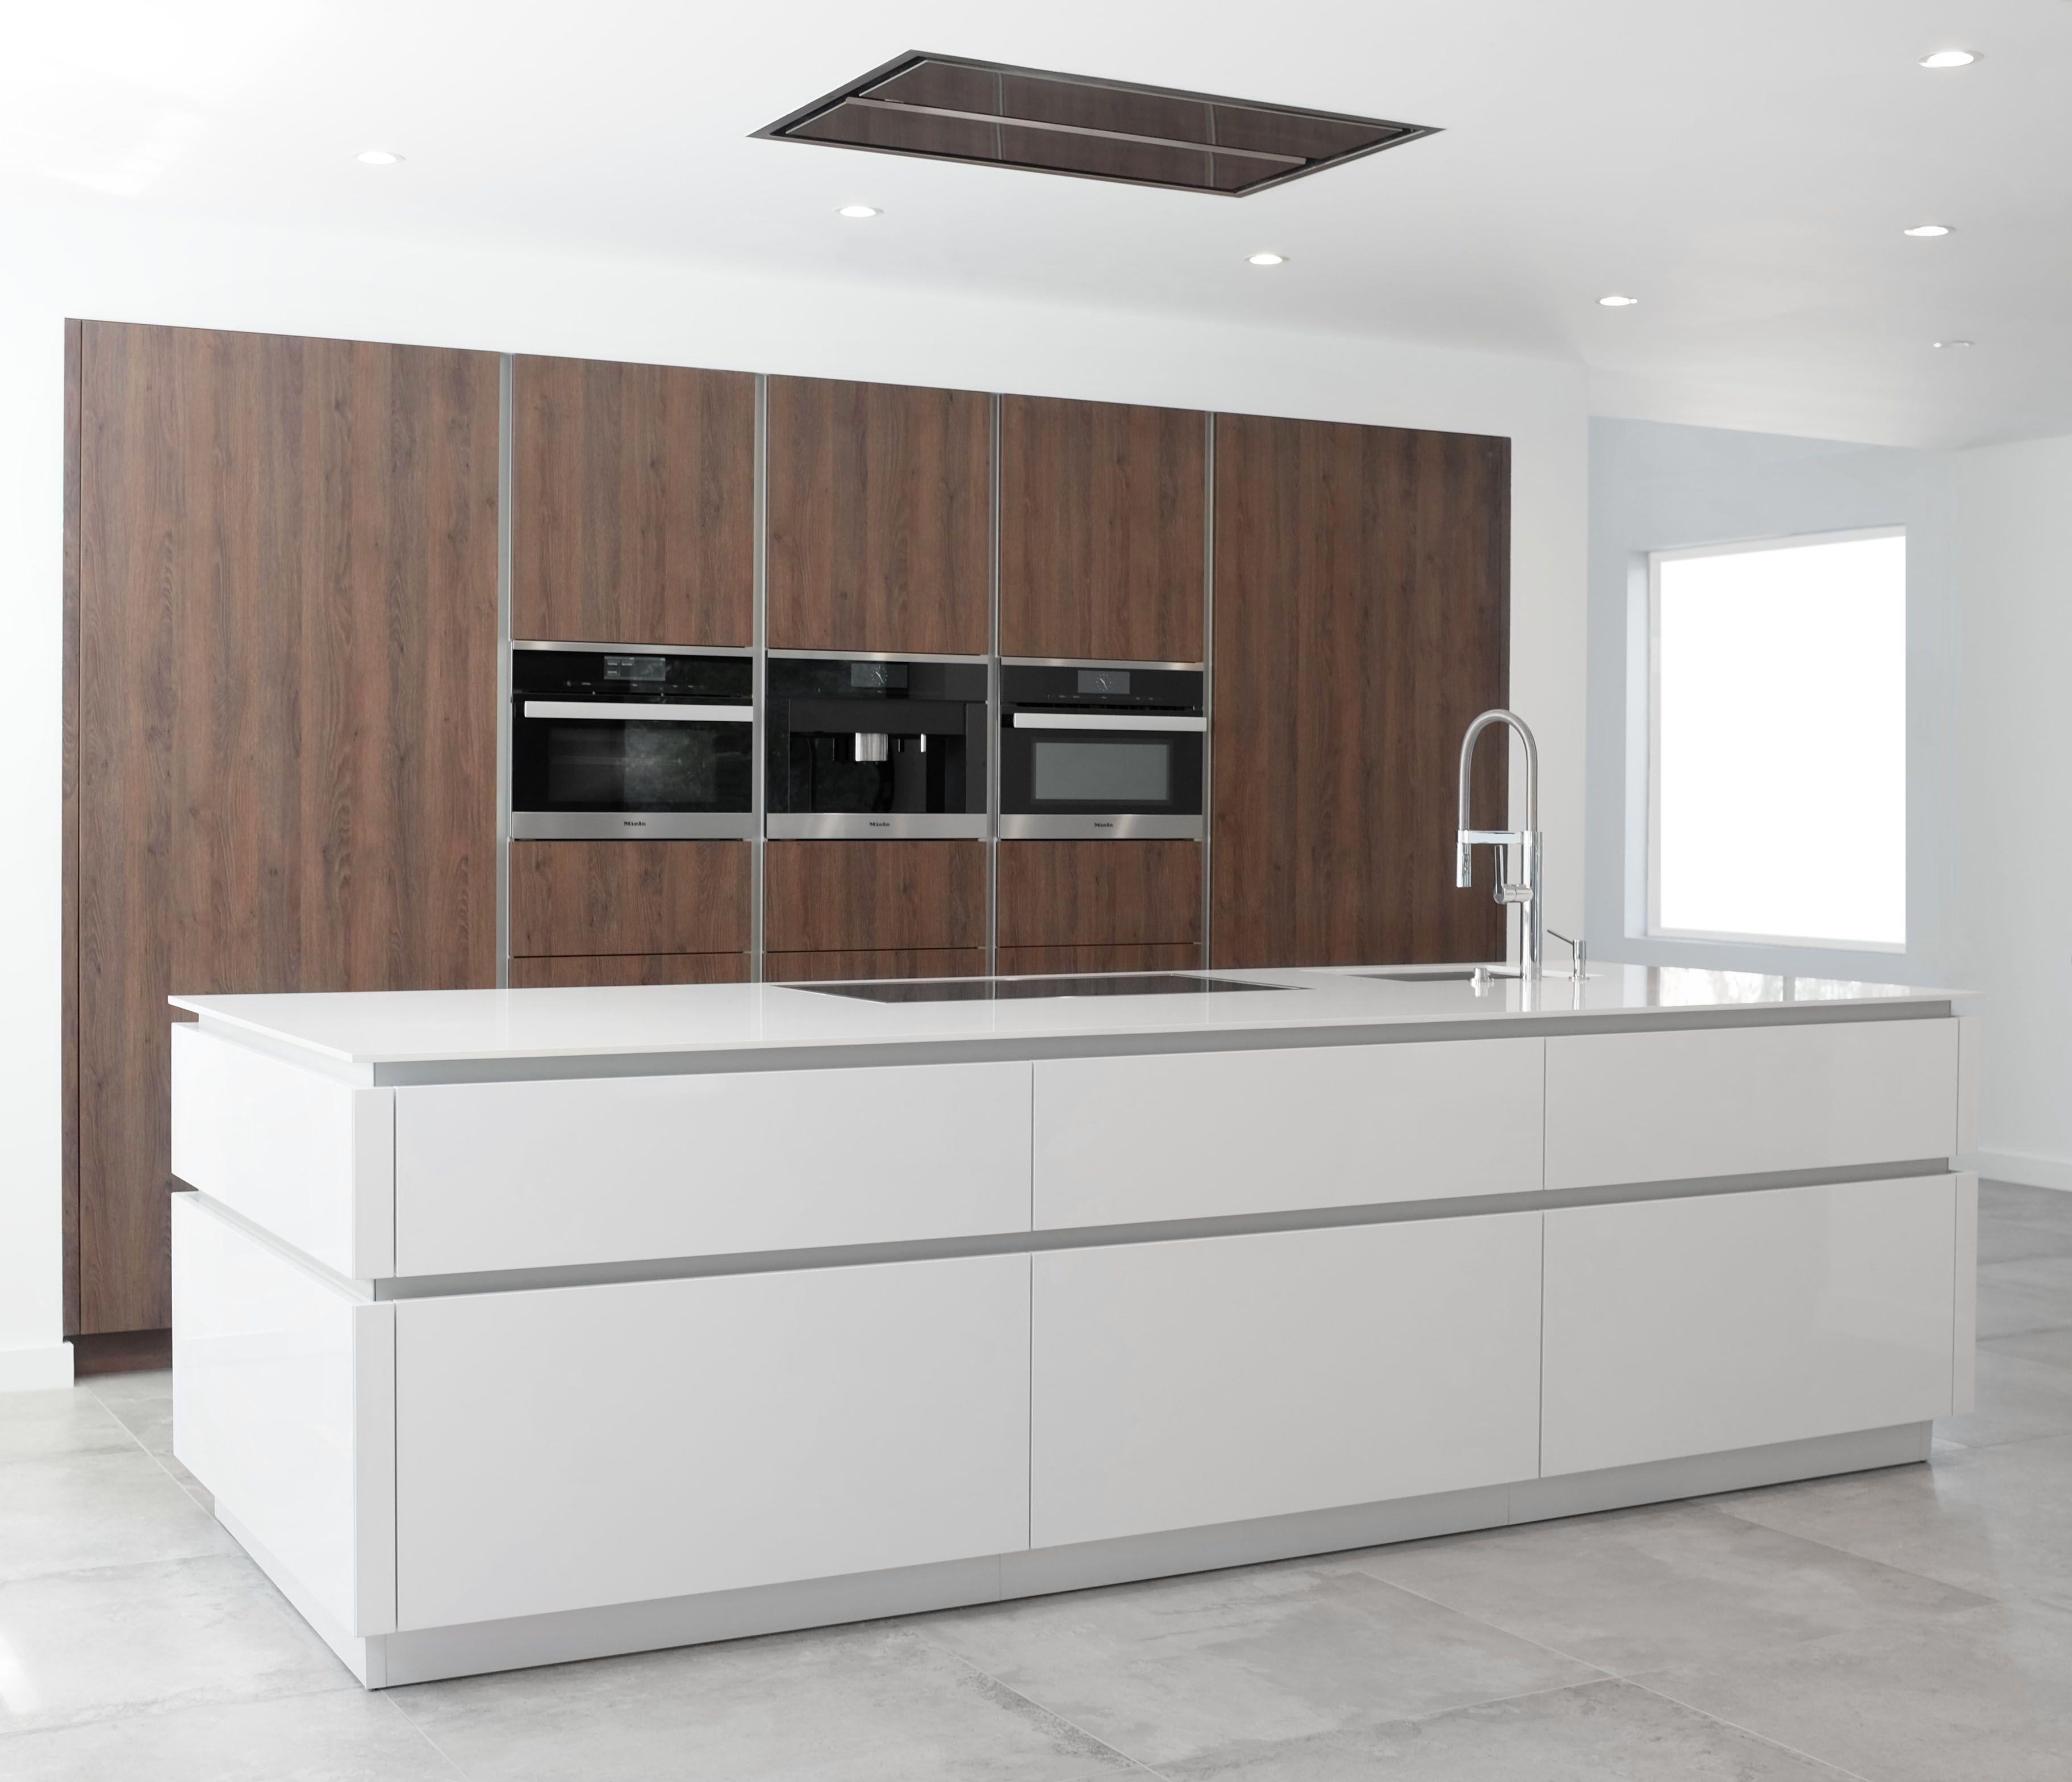 Wildhagen strakke moderne keuken met houten kasten wand en greeploos kookeiland - Open keuken met kookeiland ...